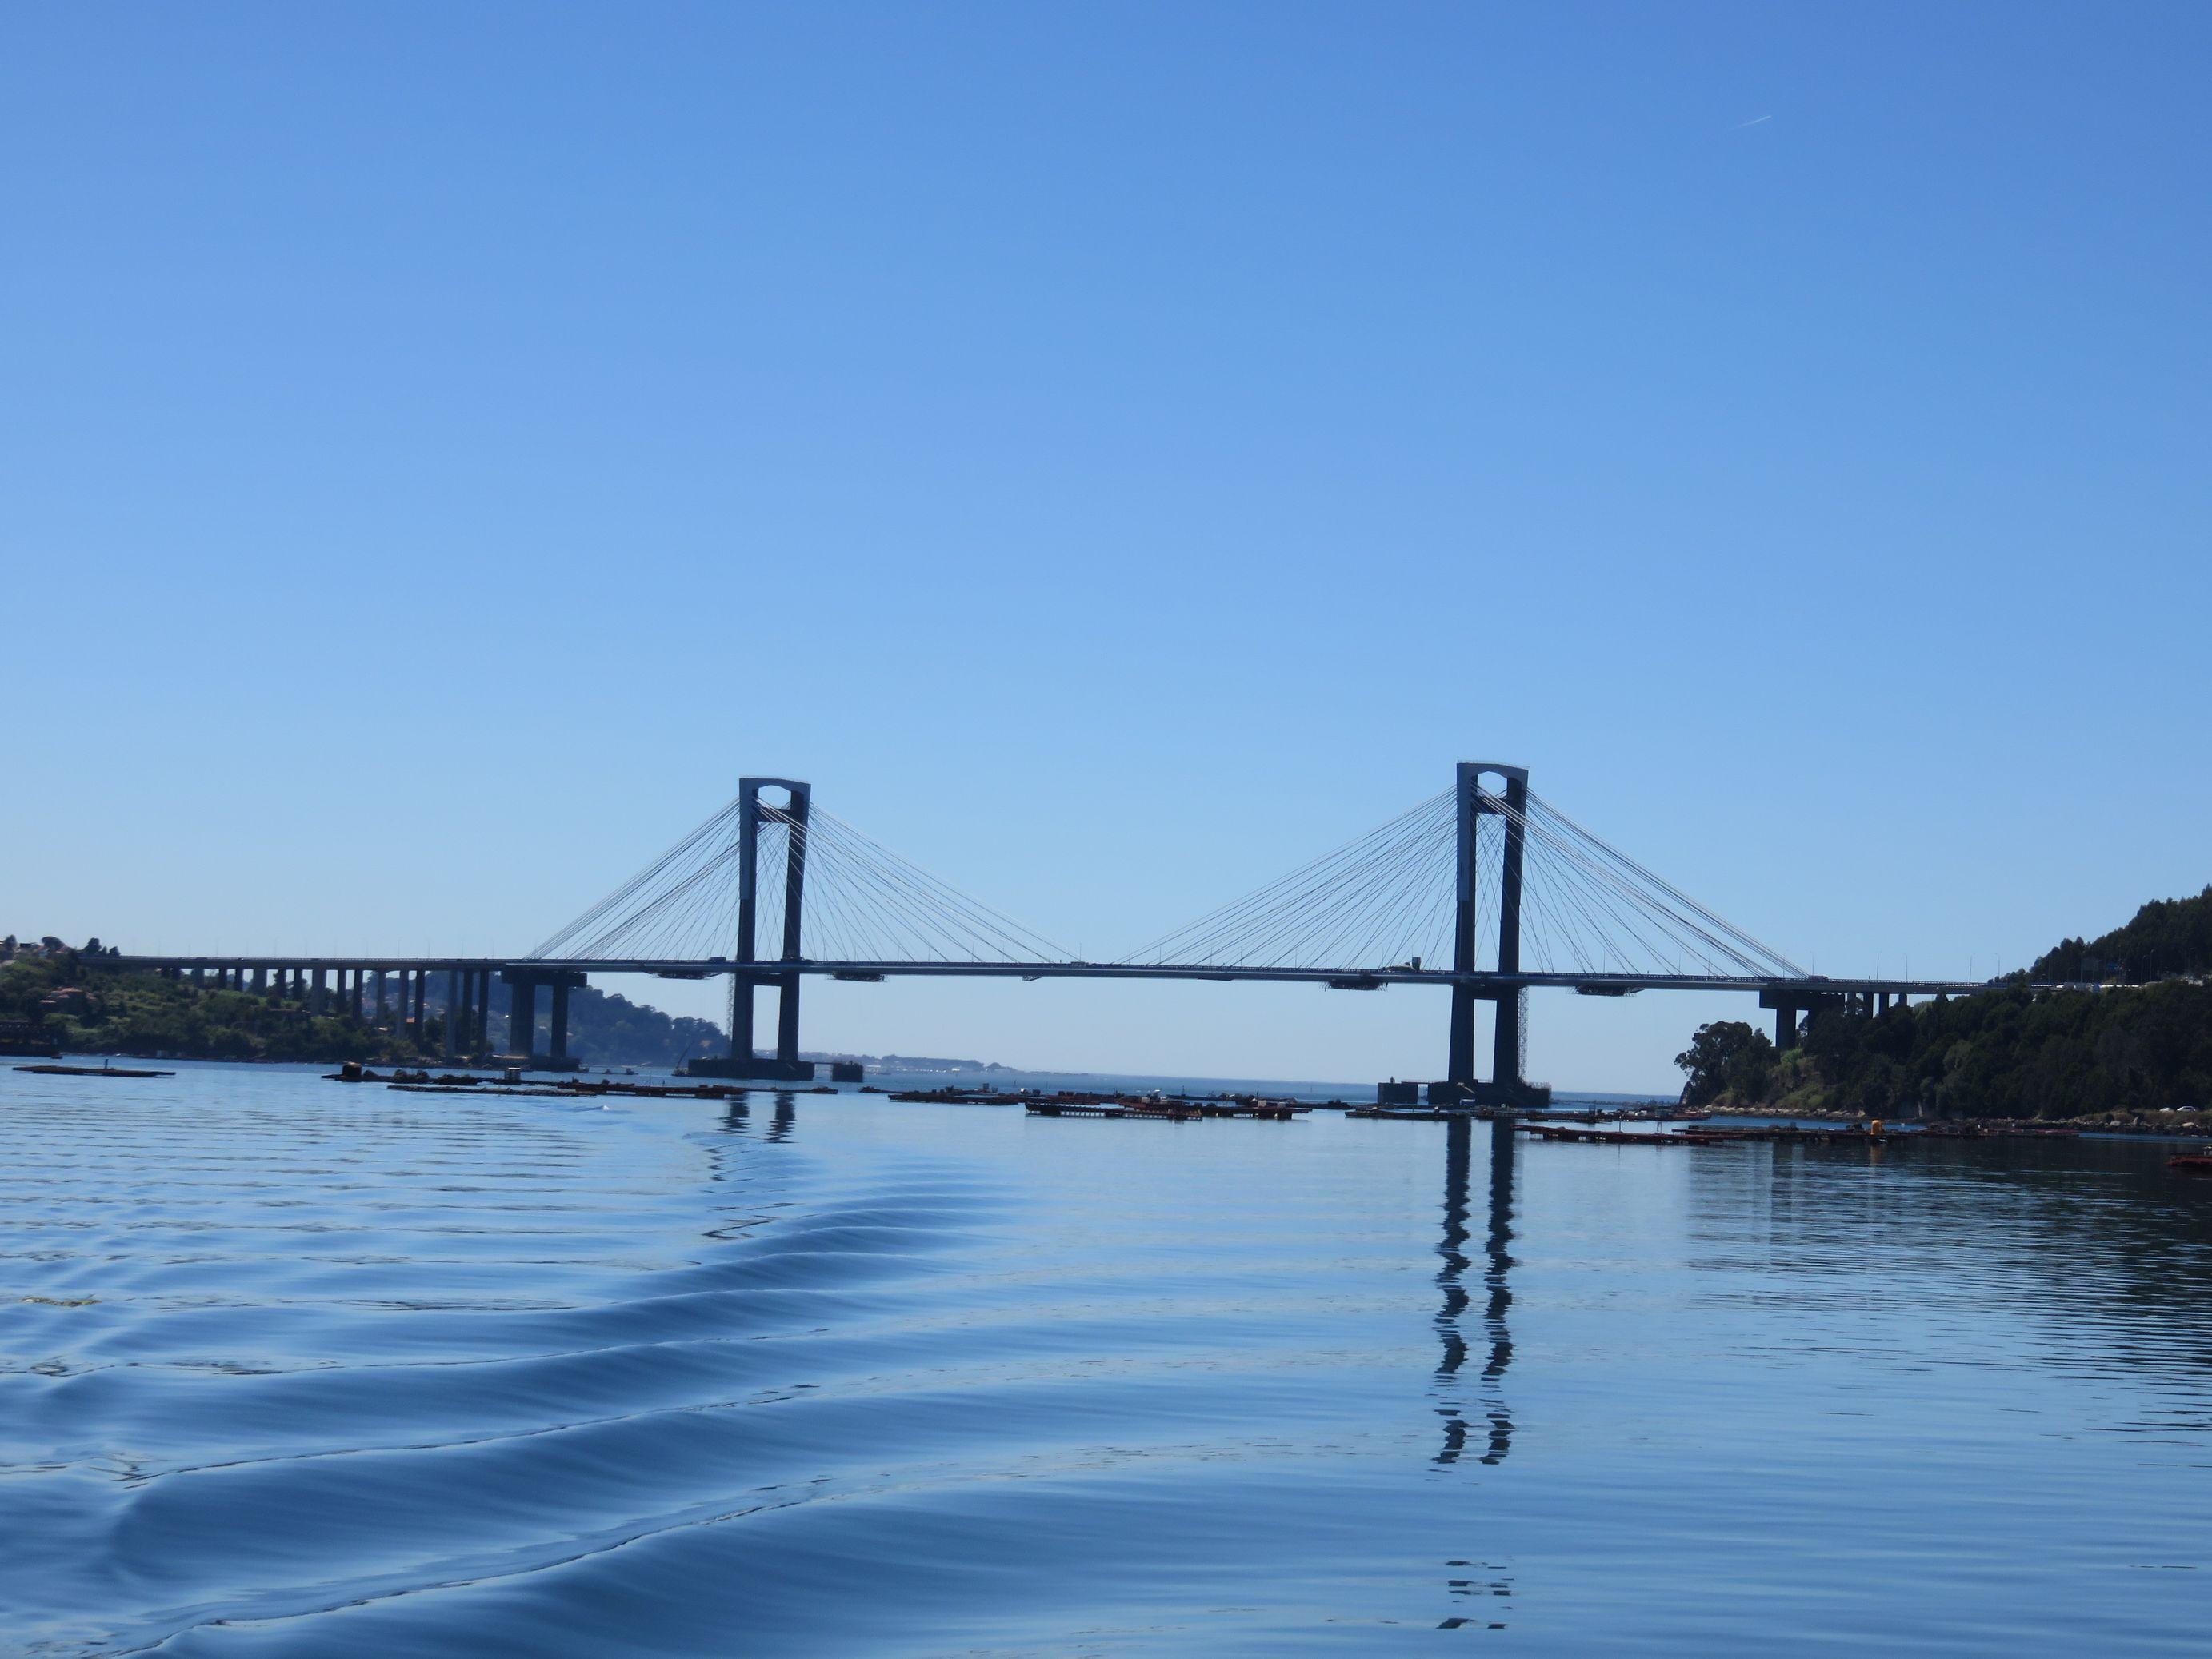 puente de randeopt